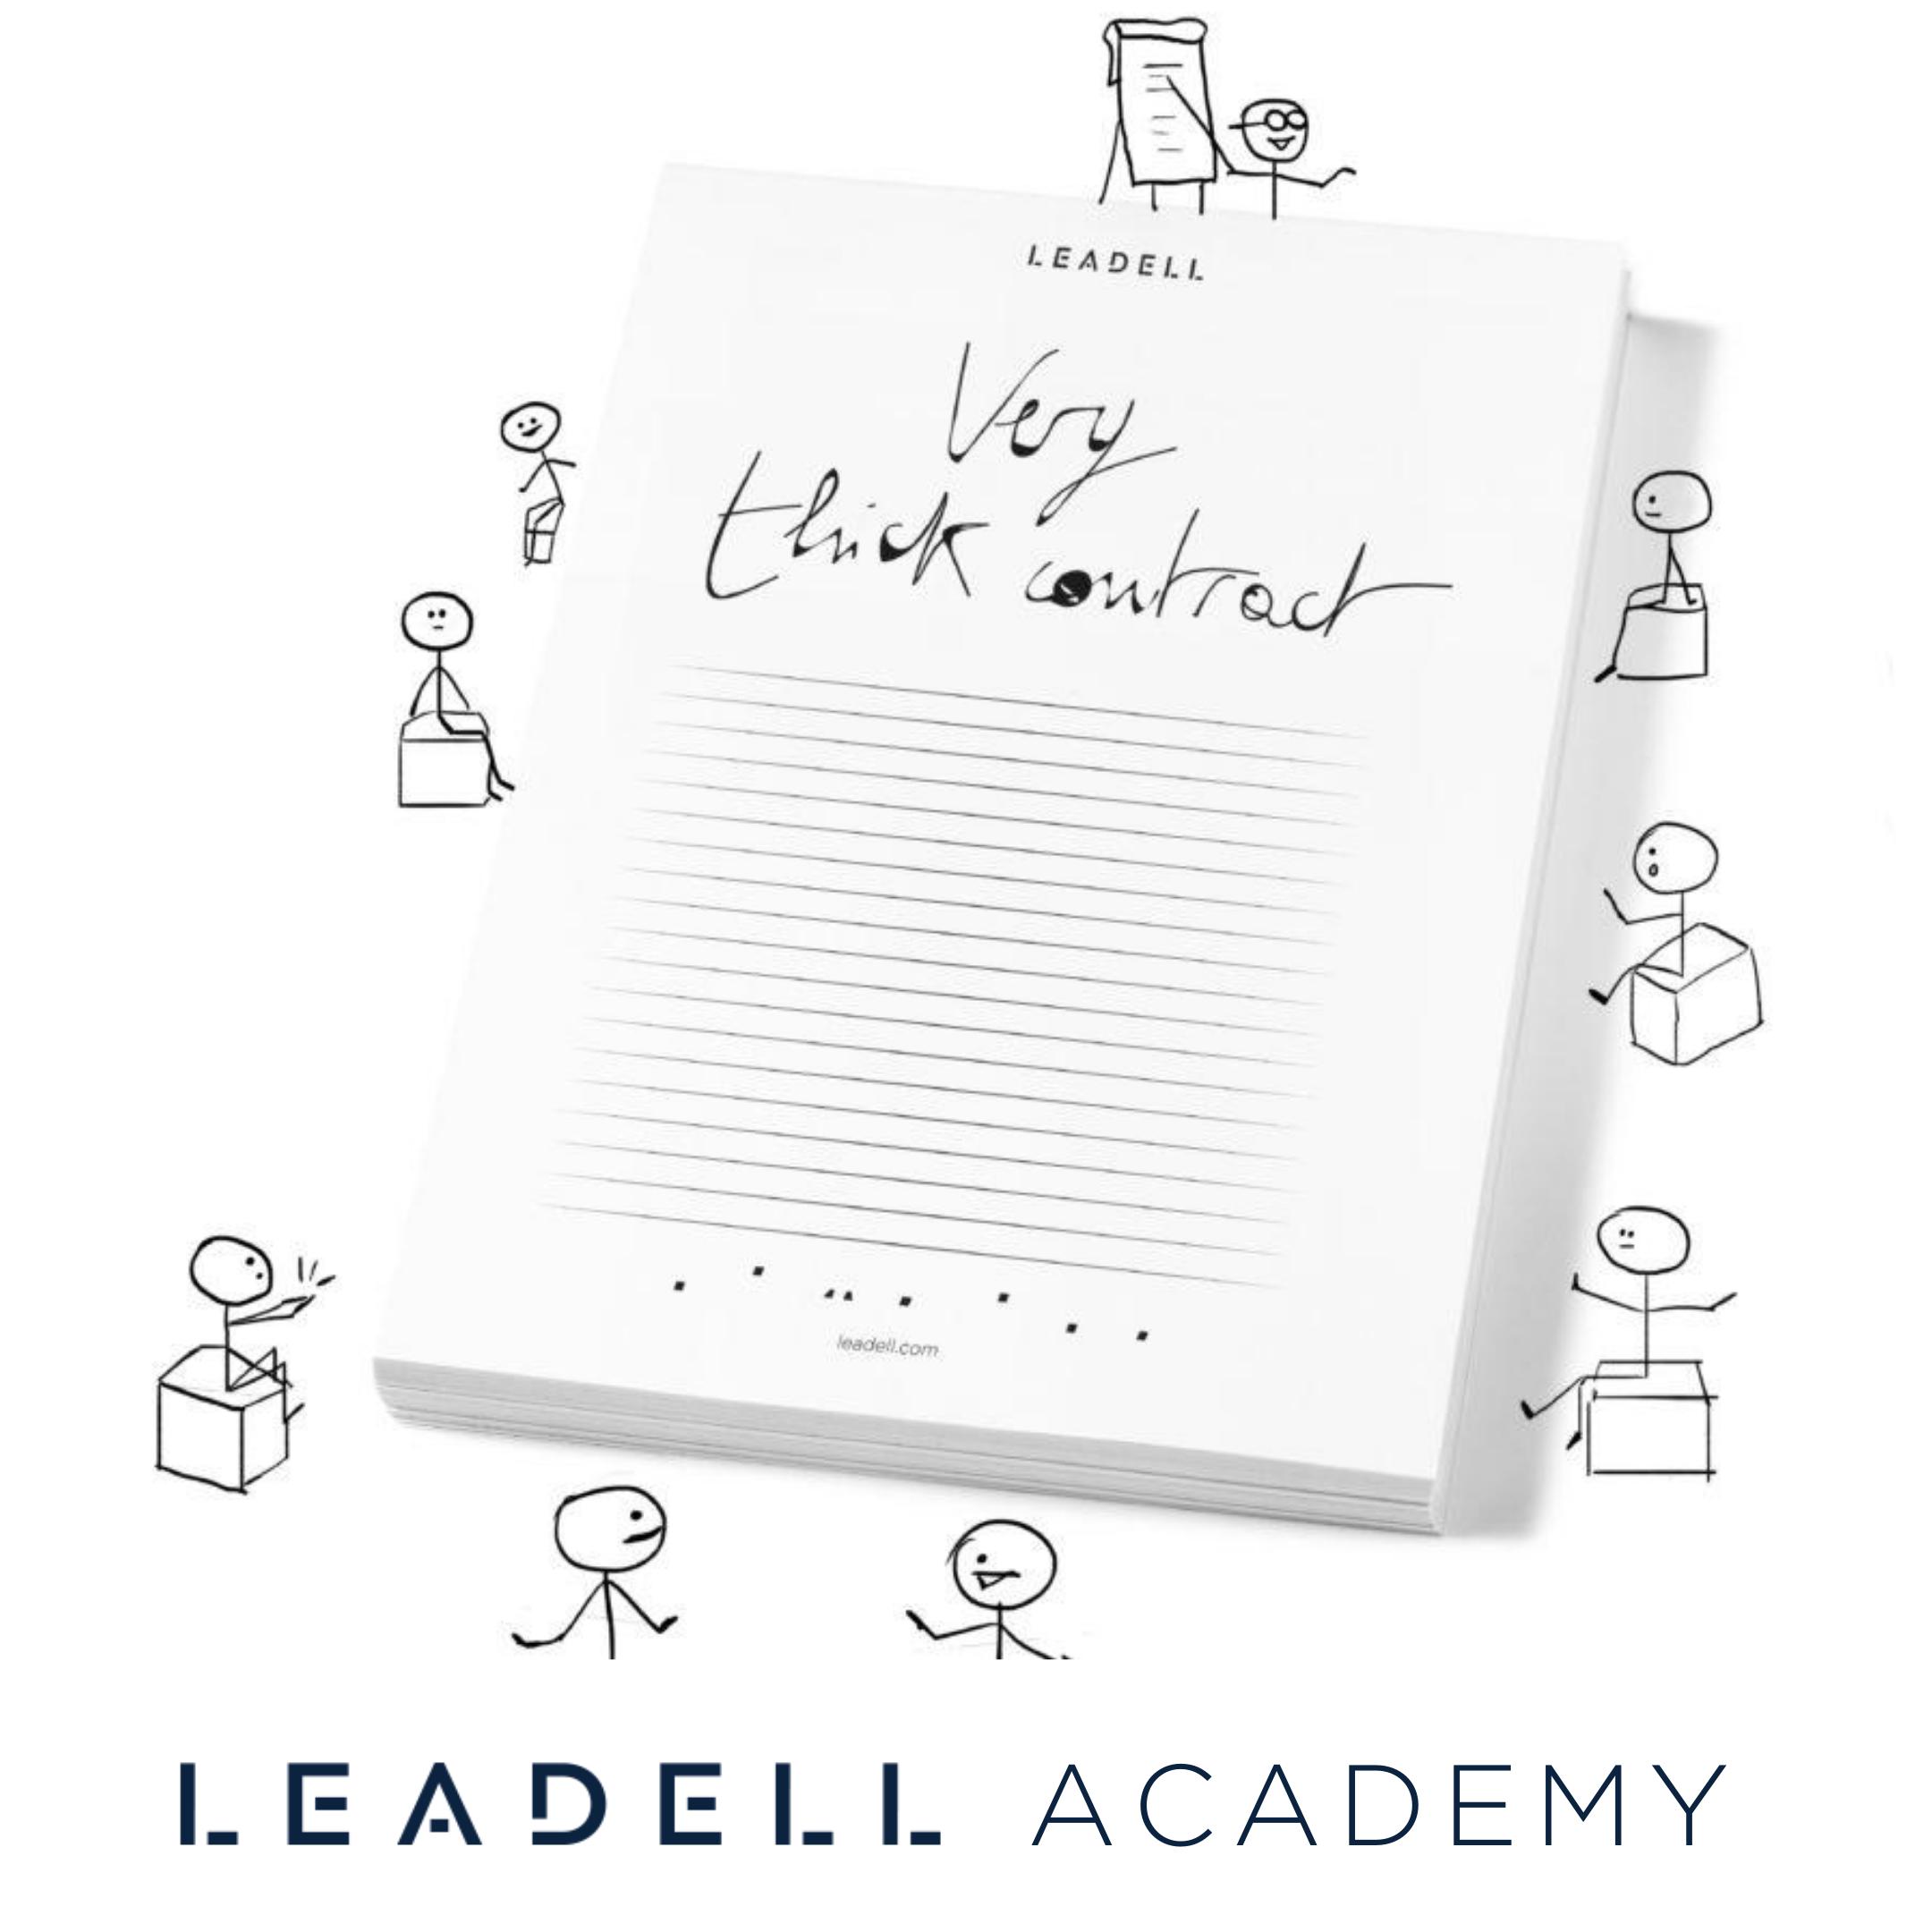 Leadell Academy